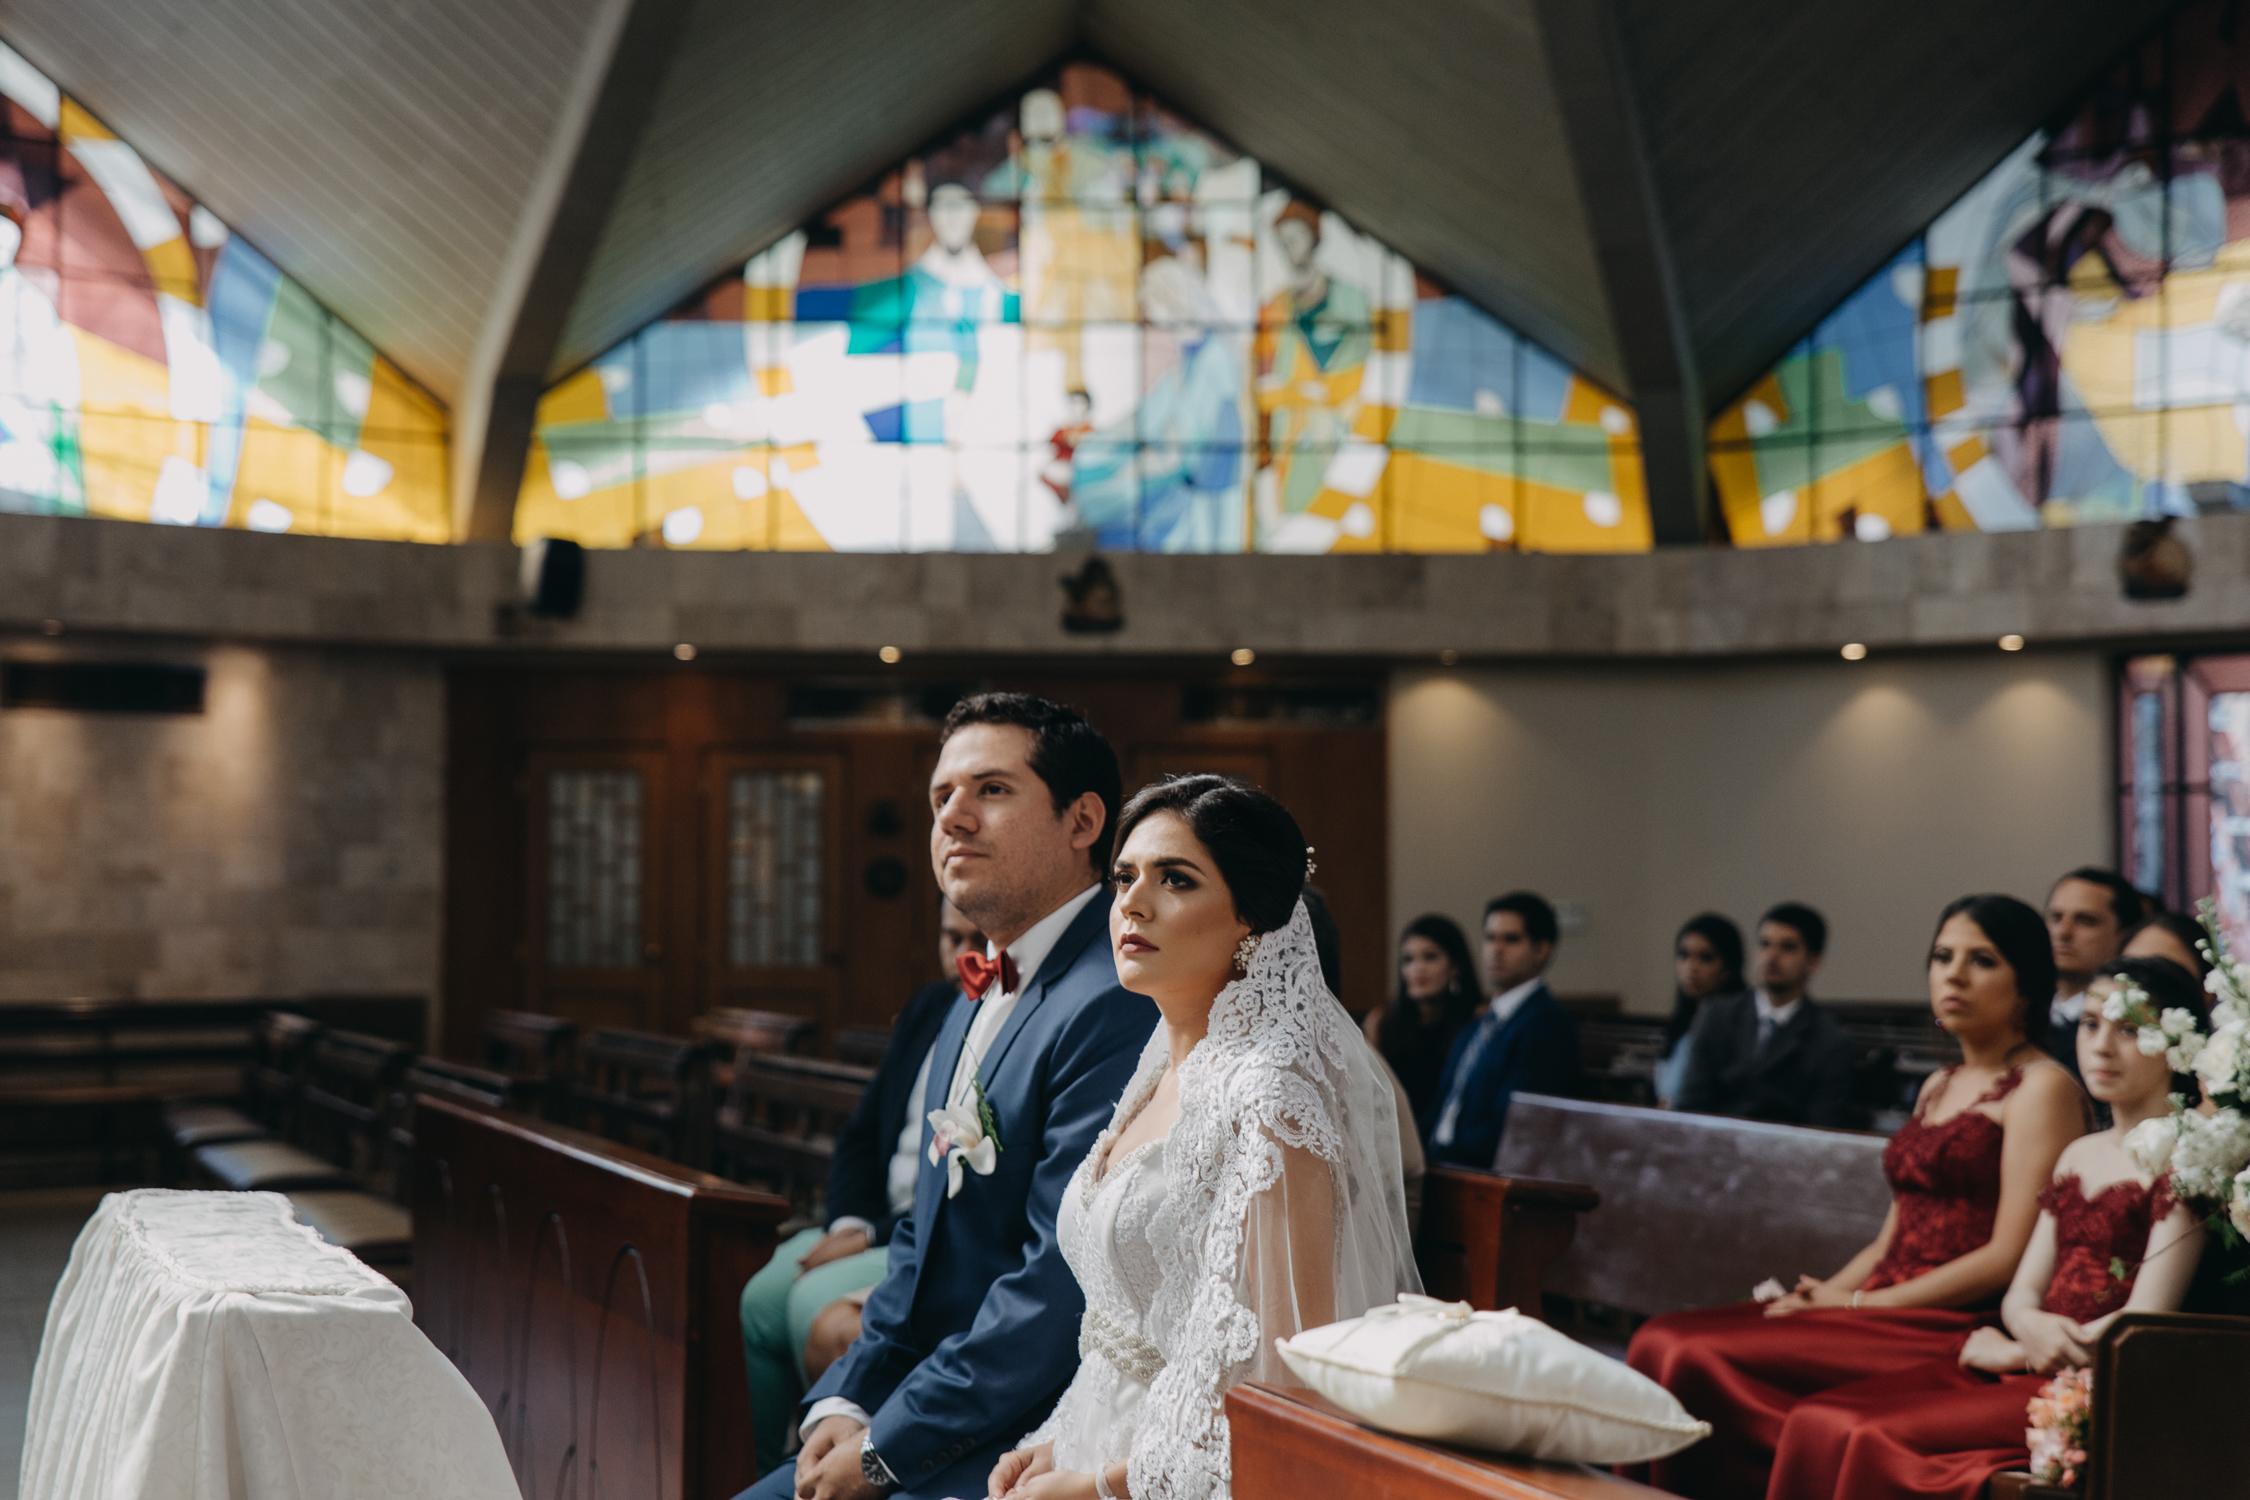 Michelle-Agurto-Fotografia-Bodas-Ecuador-Destination-Wedding-Photographer-Cristi-Luis-38.JPG